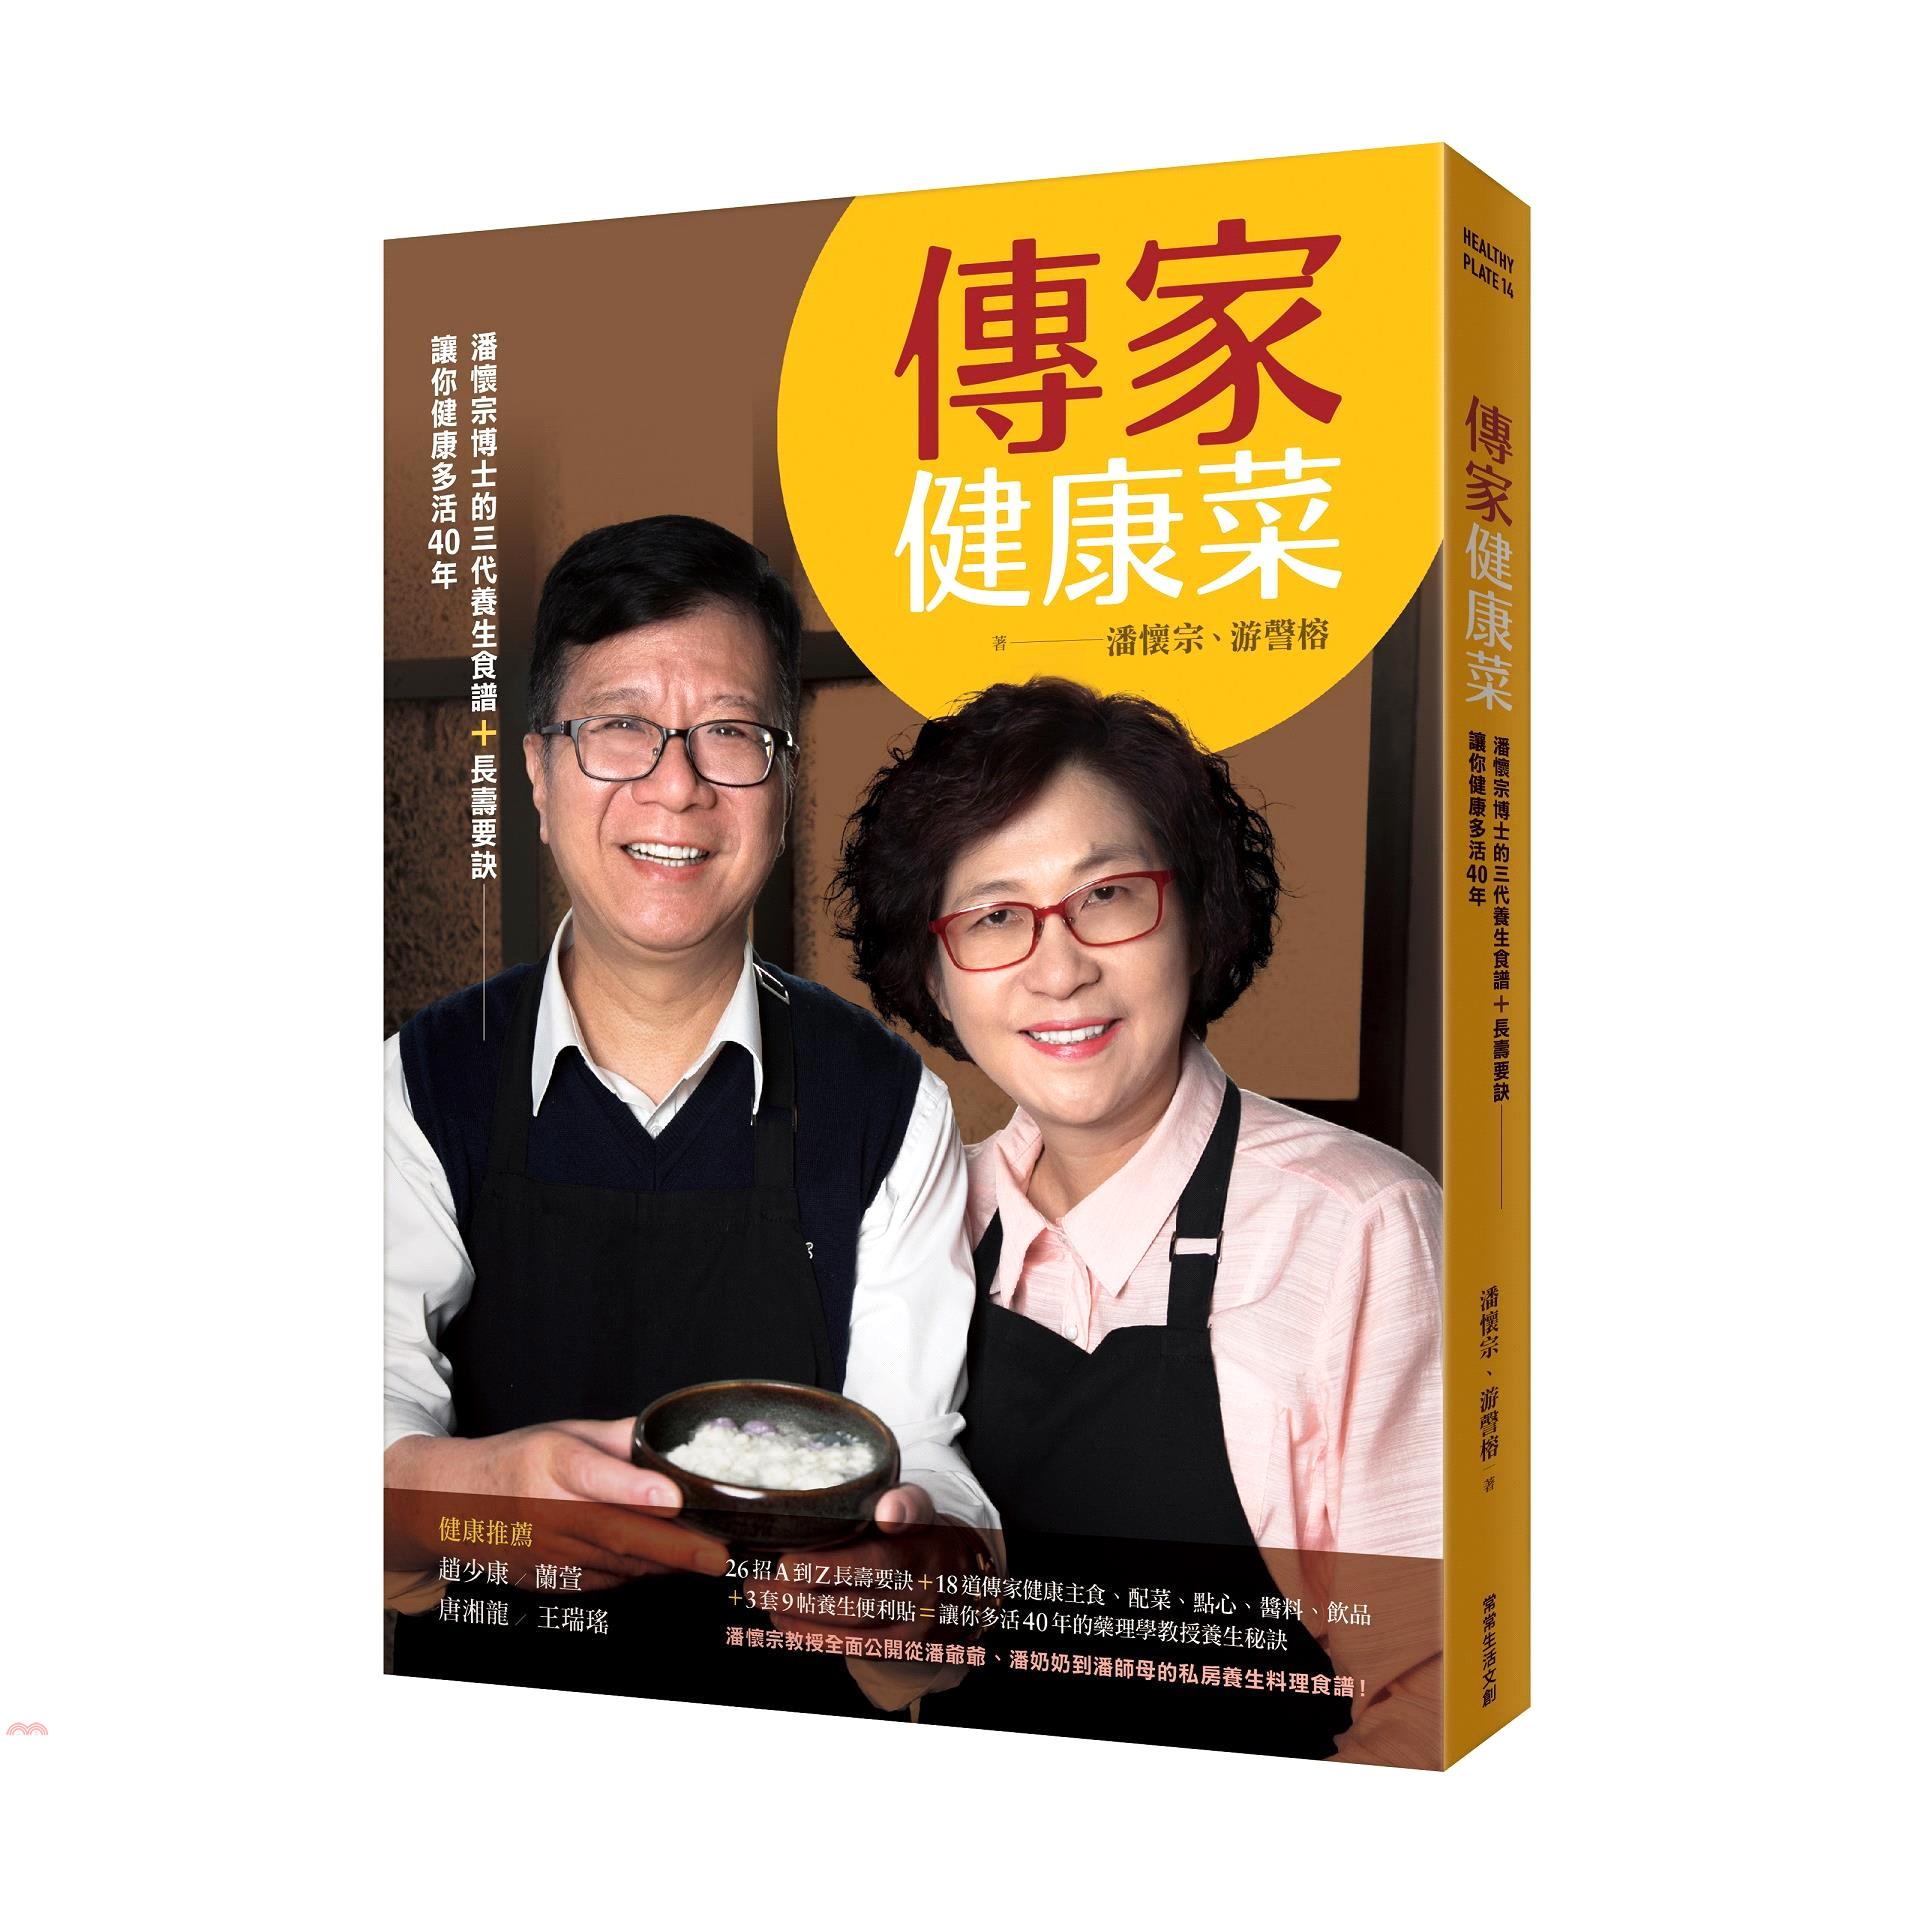 《常常生活文創》傳家健康菜:潘懷宗博士的三代養生食譜+長壽要訣,讓你健康多活40年[79折]